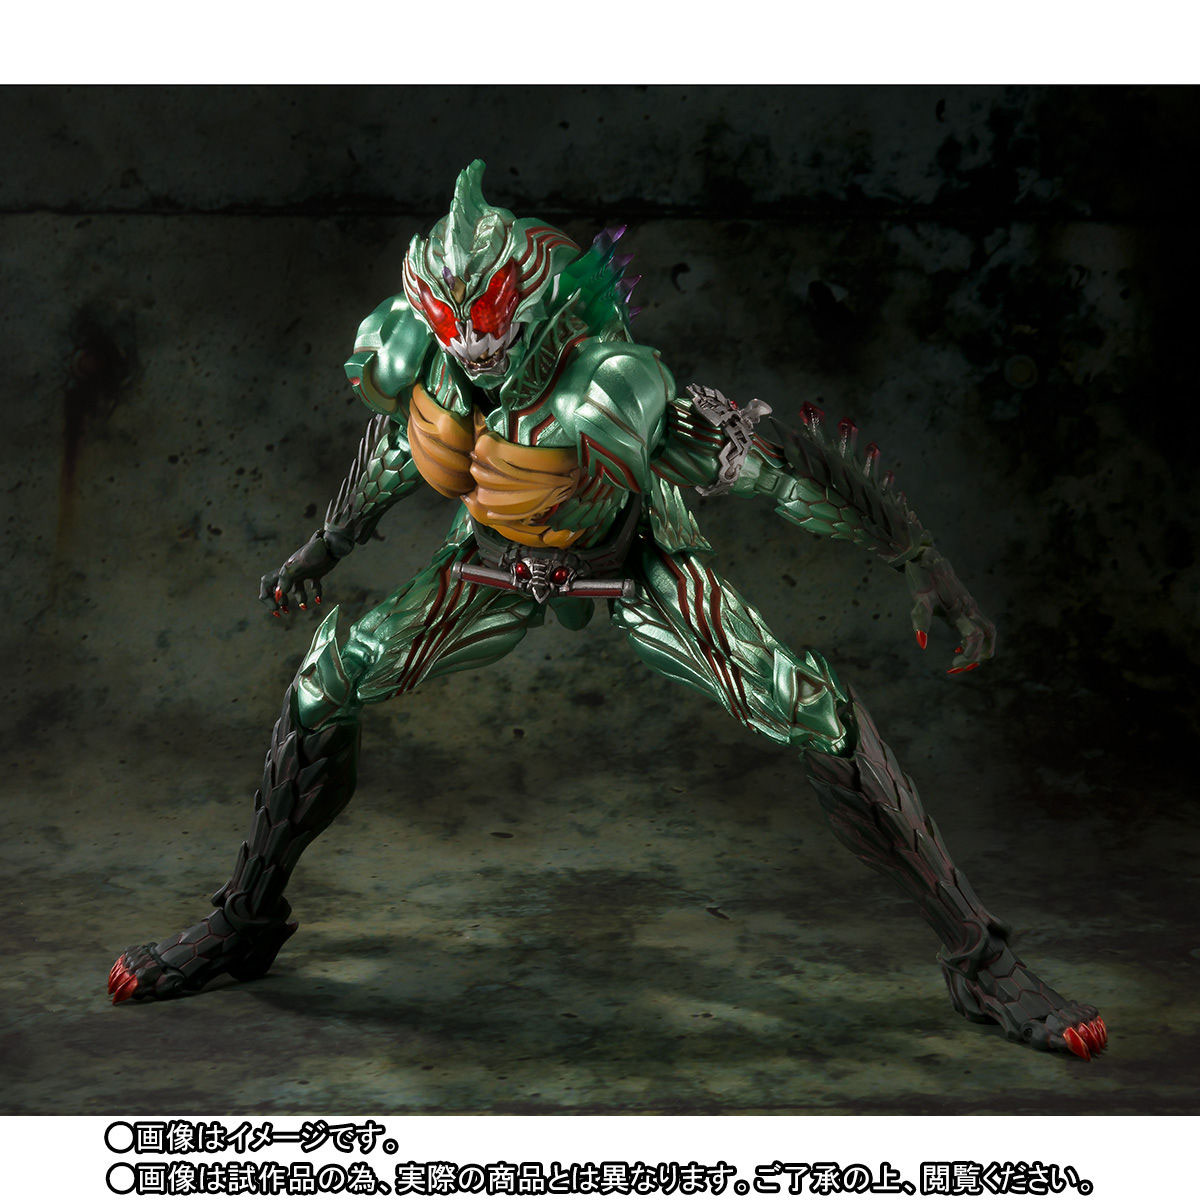 S.I.C.『仮面ライダーアマゾンオメガ|仮面ライダーアマゾンズ』可動フィギュア-005